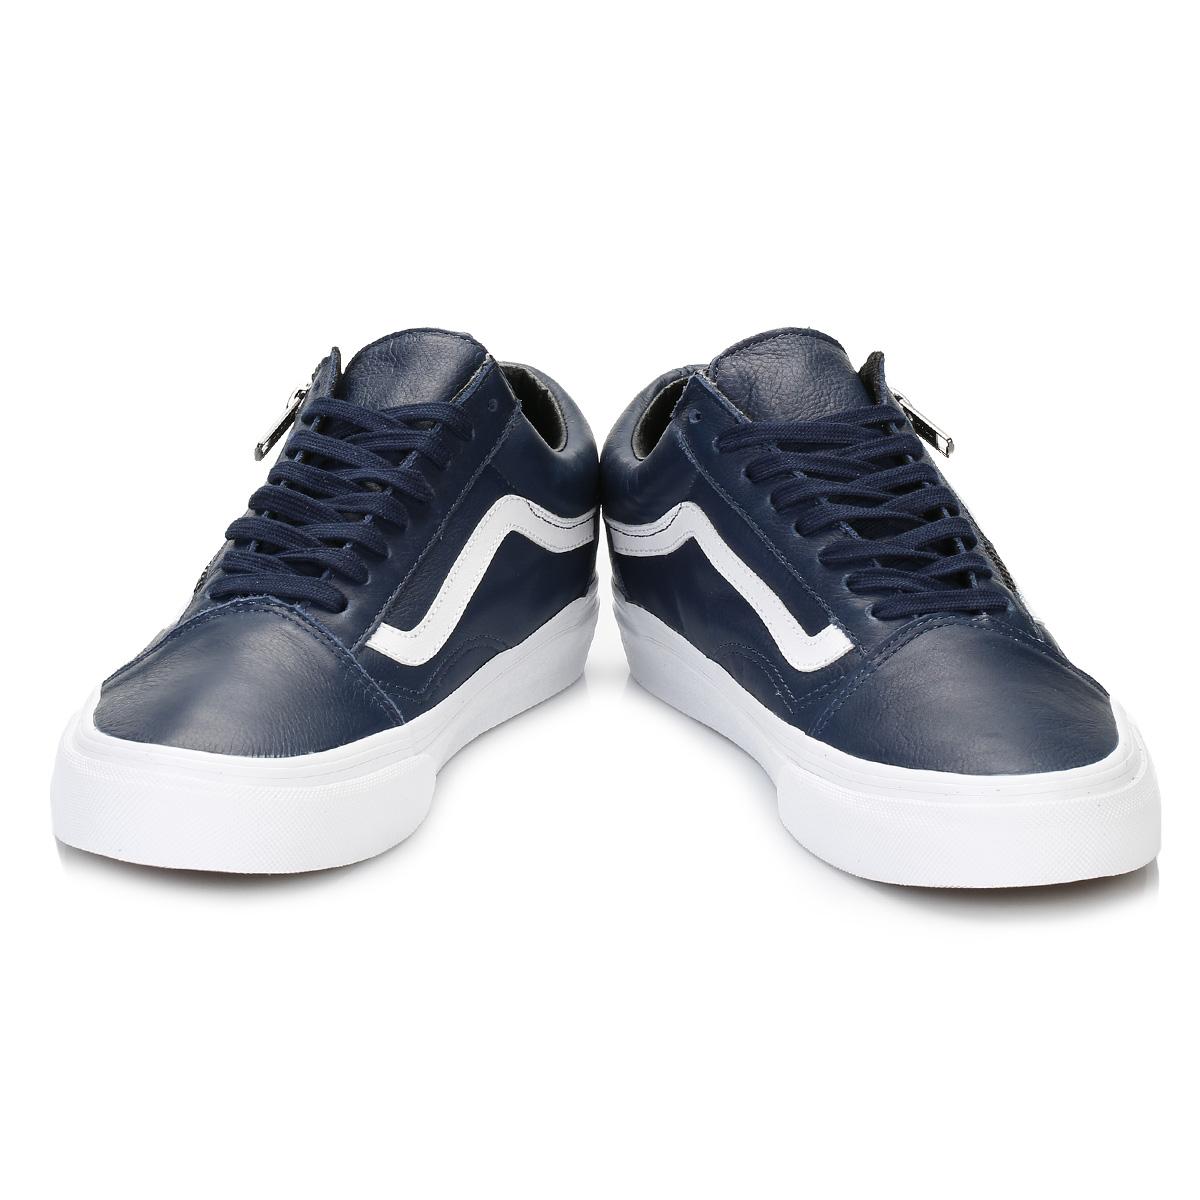 vans homme en cuir baskets bleu et blanc old skool sport loisirs chaussures ebay. Black Bedroom Furniture Sets. Home Design Ideas